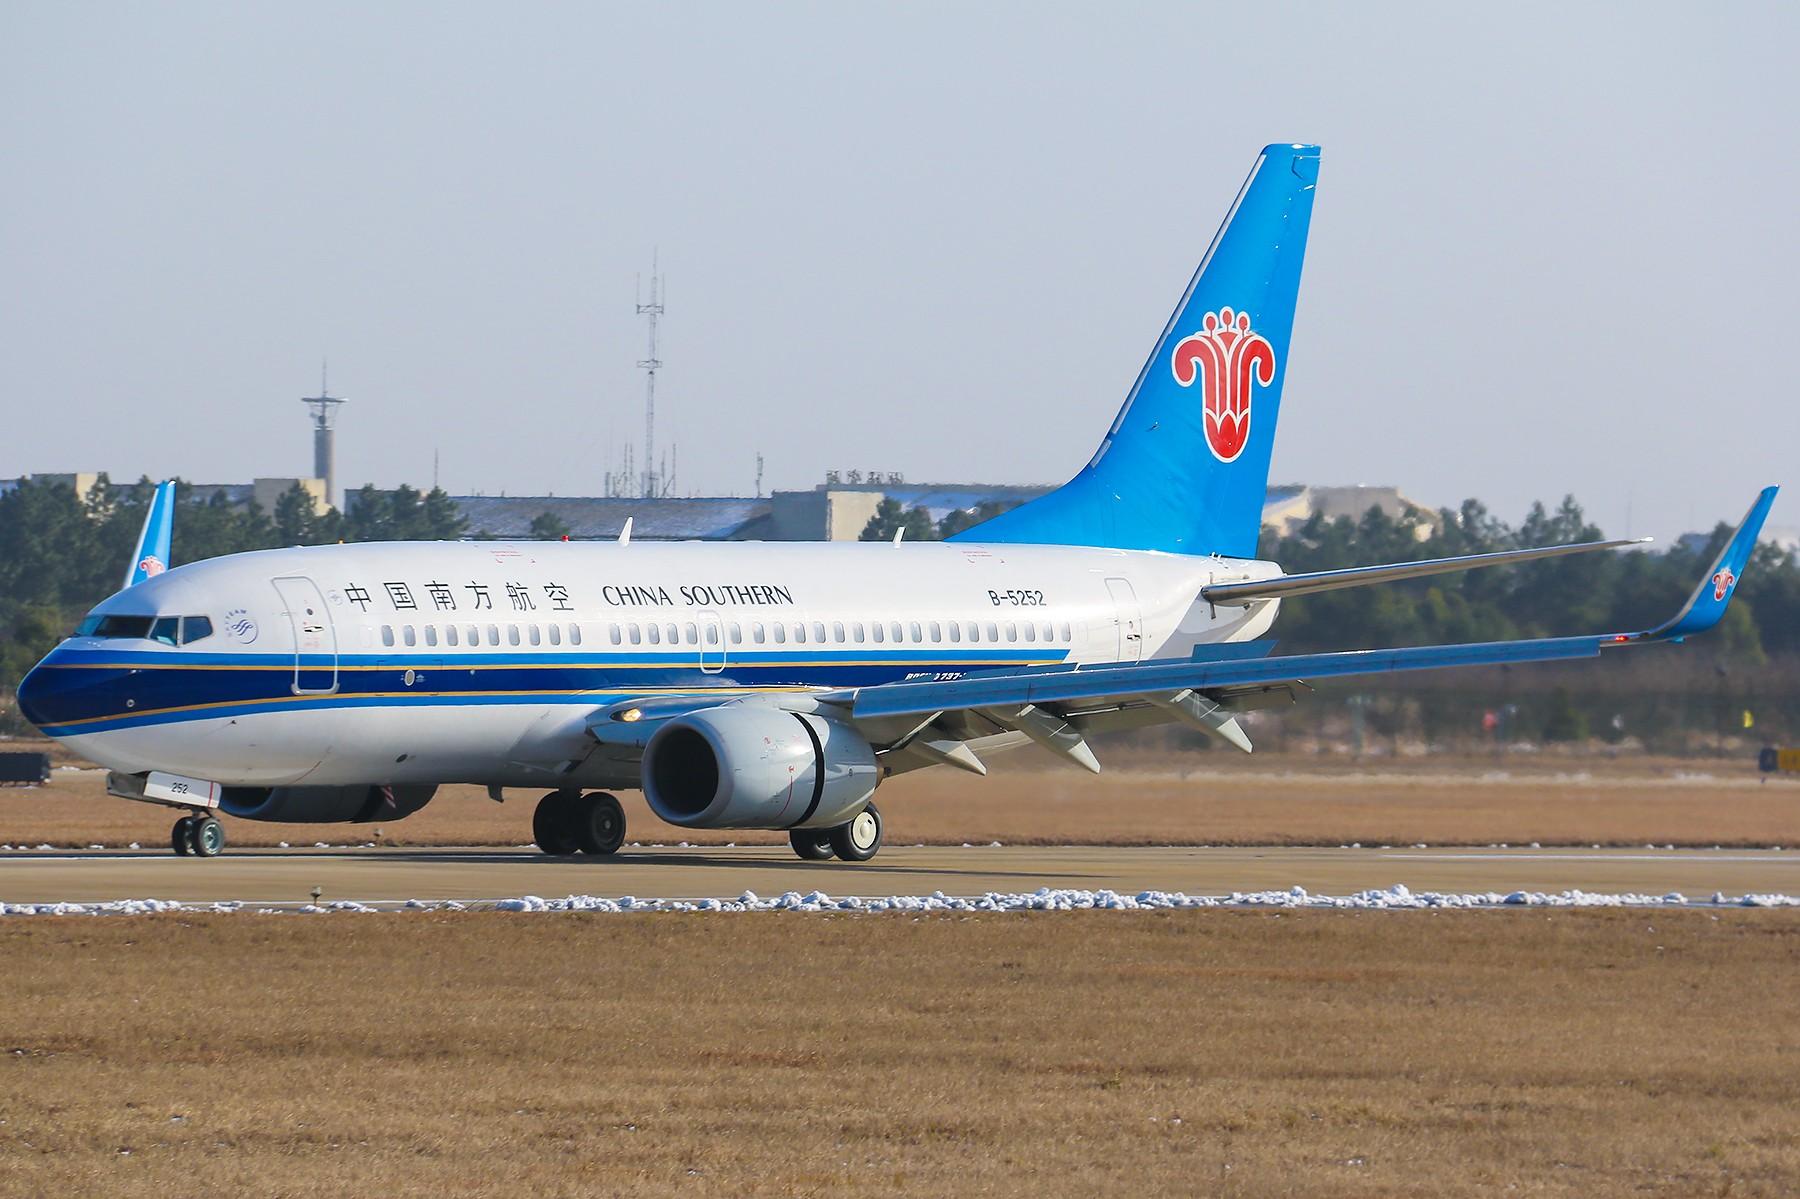 [原创]*****【南昌飞友会】紧凑才好看:南航737-700降落一组【1800*1200高清大图】***** BOEING 737-700 B-5252 中国南昌昌北国际机场